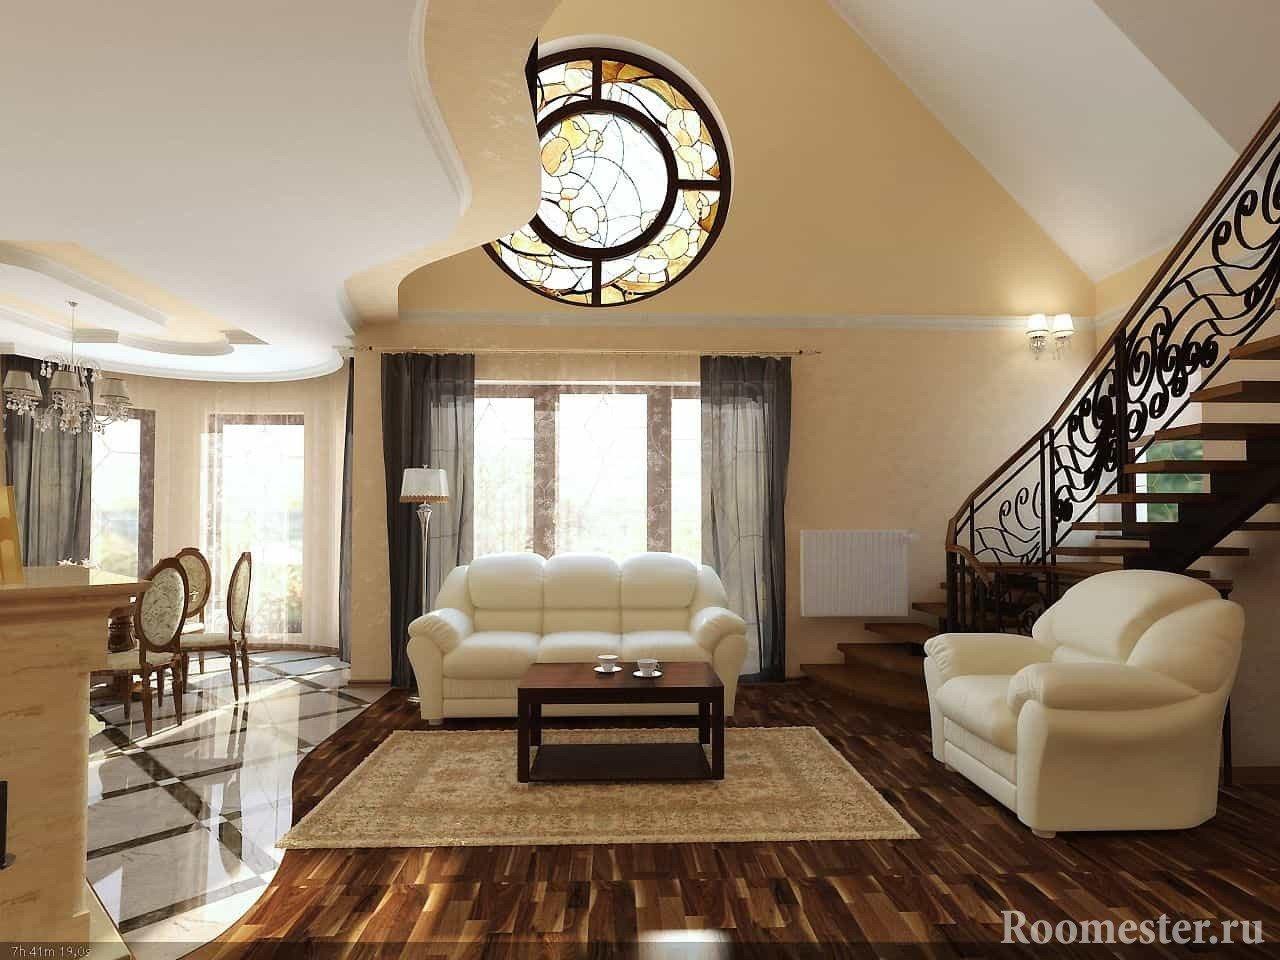 Гостиная в доме с лестницей